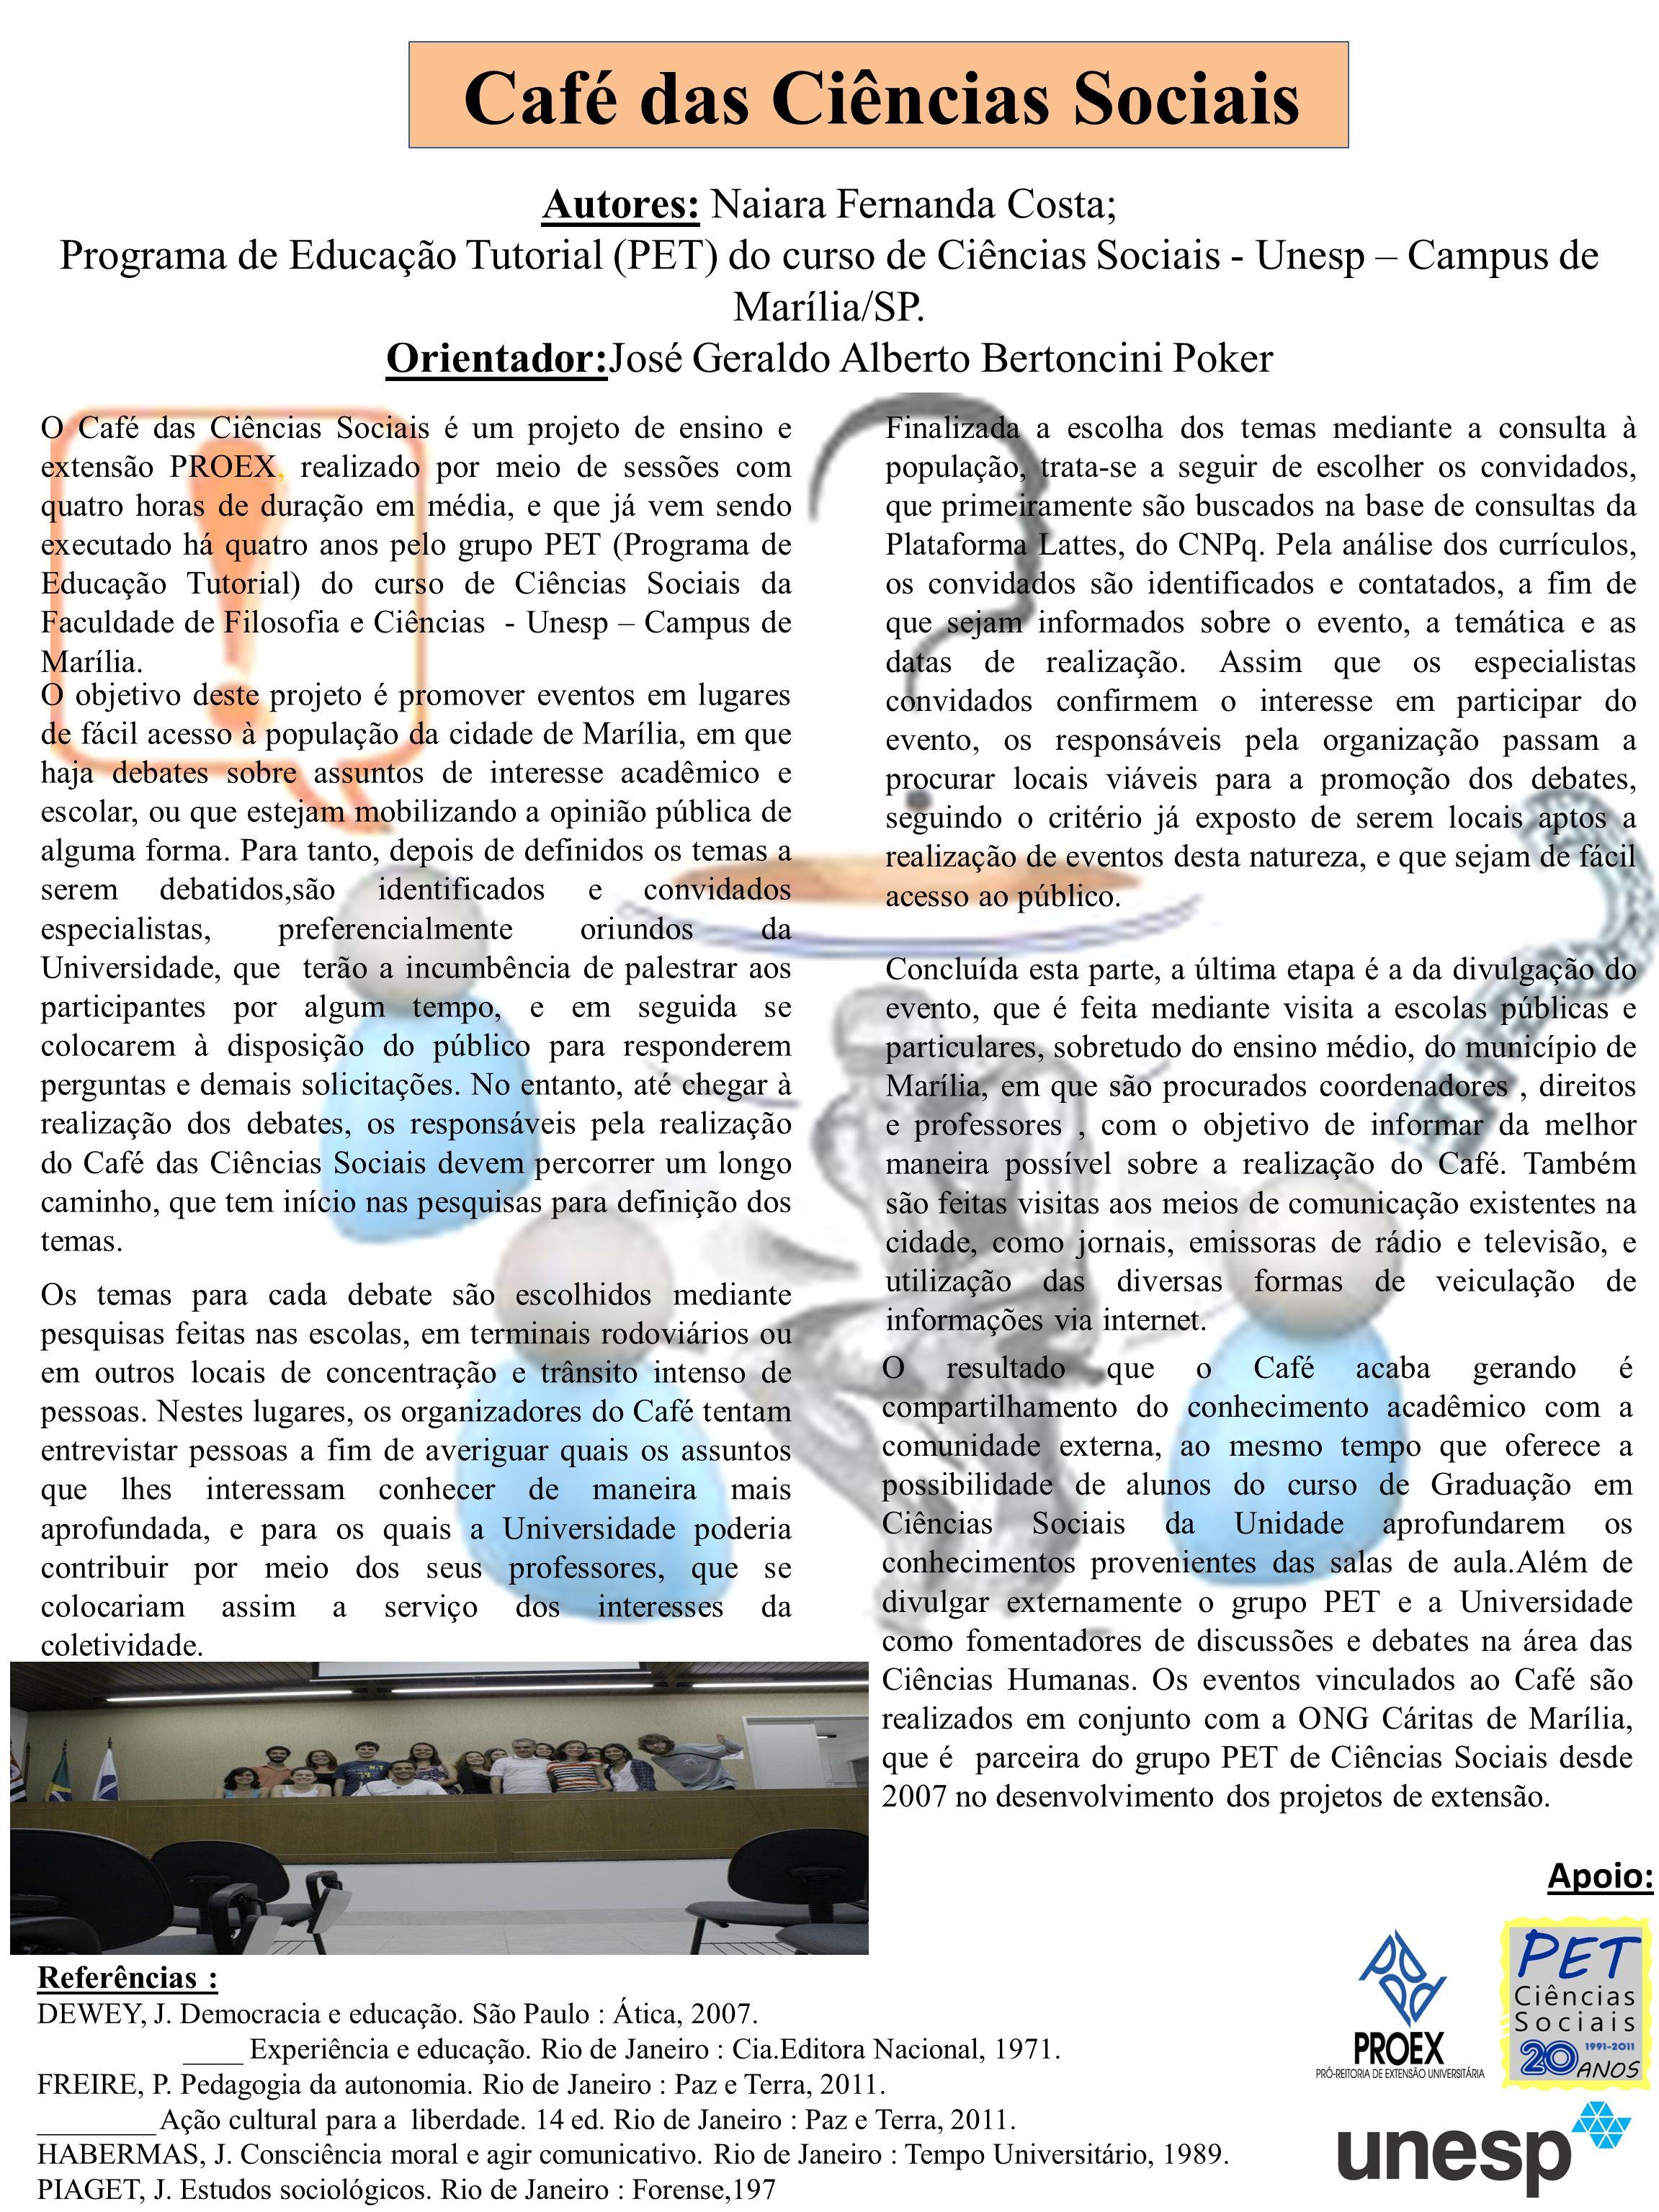 Café das Ciências Sociais Apoio: Autores: Naiara Fernanda Costa; Programa de Educação Tutorial (PET) do curso de Ciências Sociais - Unesp – Campus de Marília/SP.